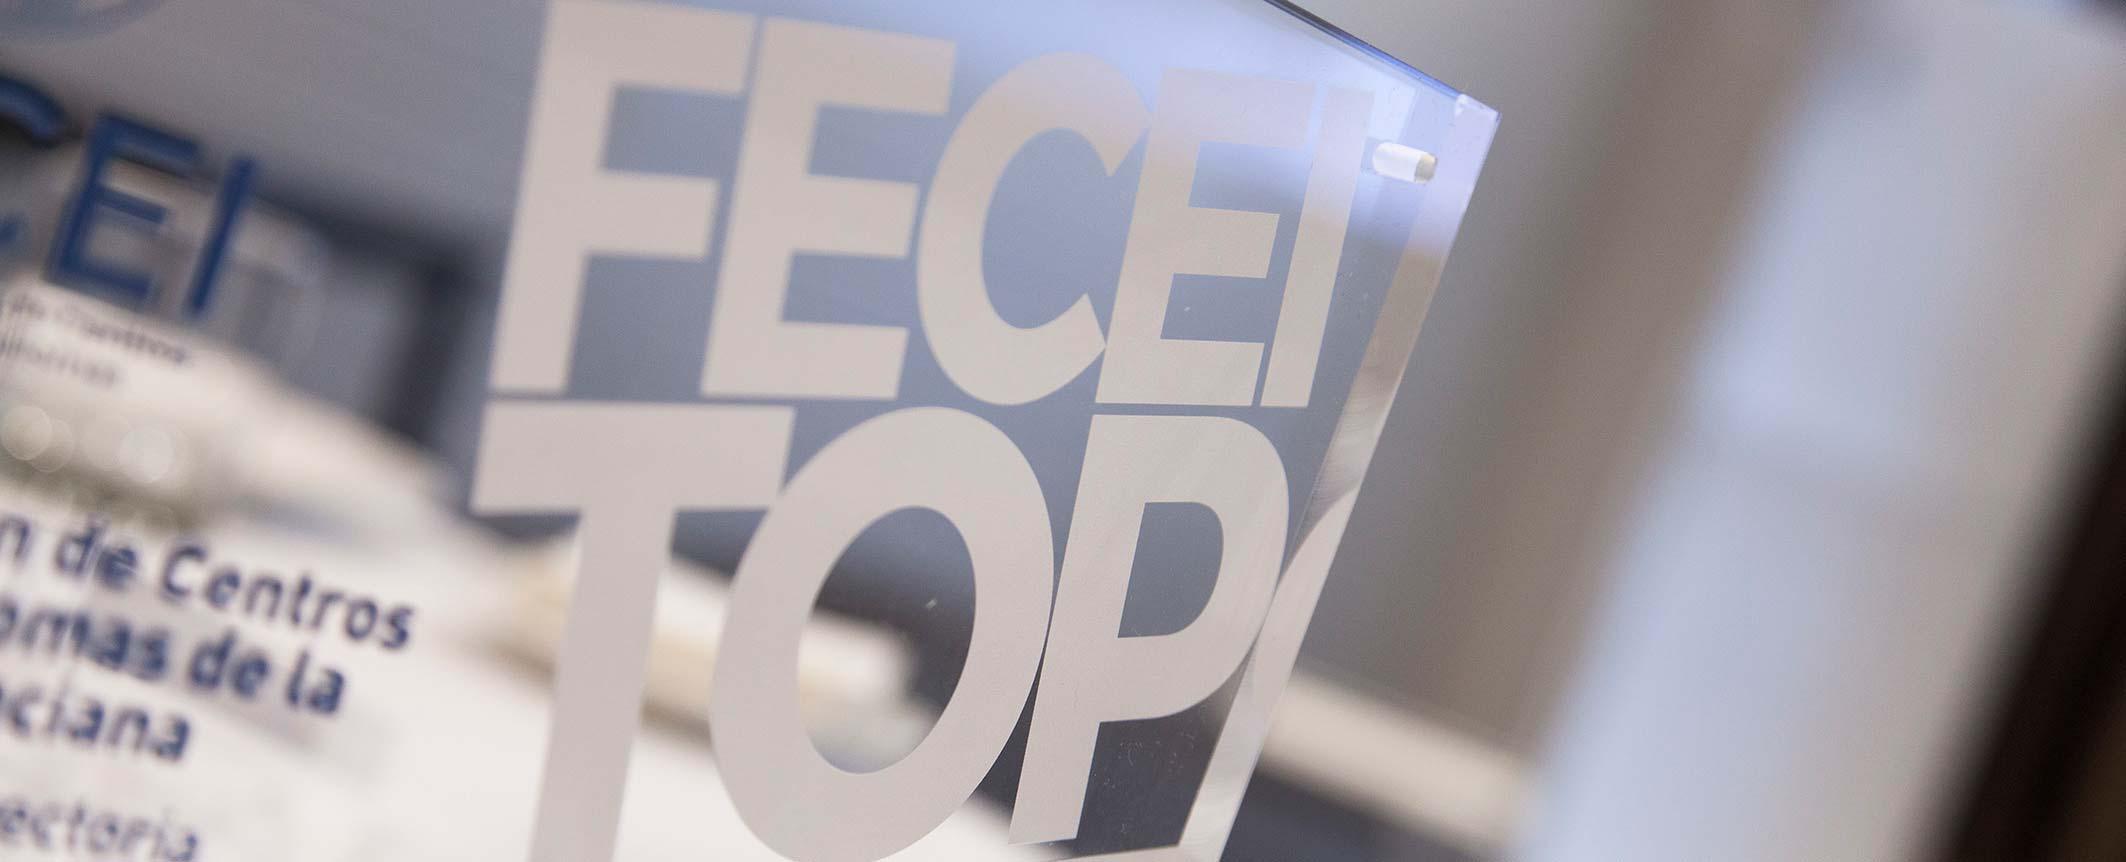 fecei top - Enhorabuena a los quince nominados a los Premios FECEI TOP 2019